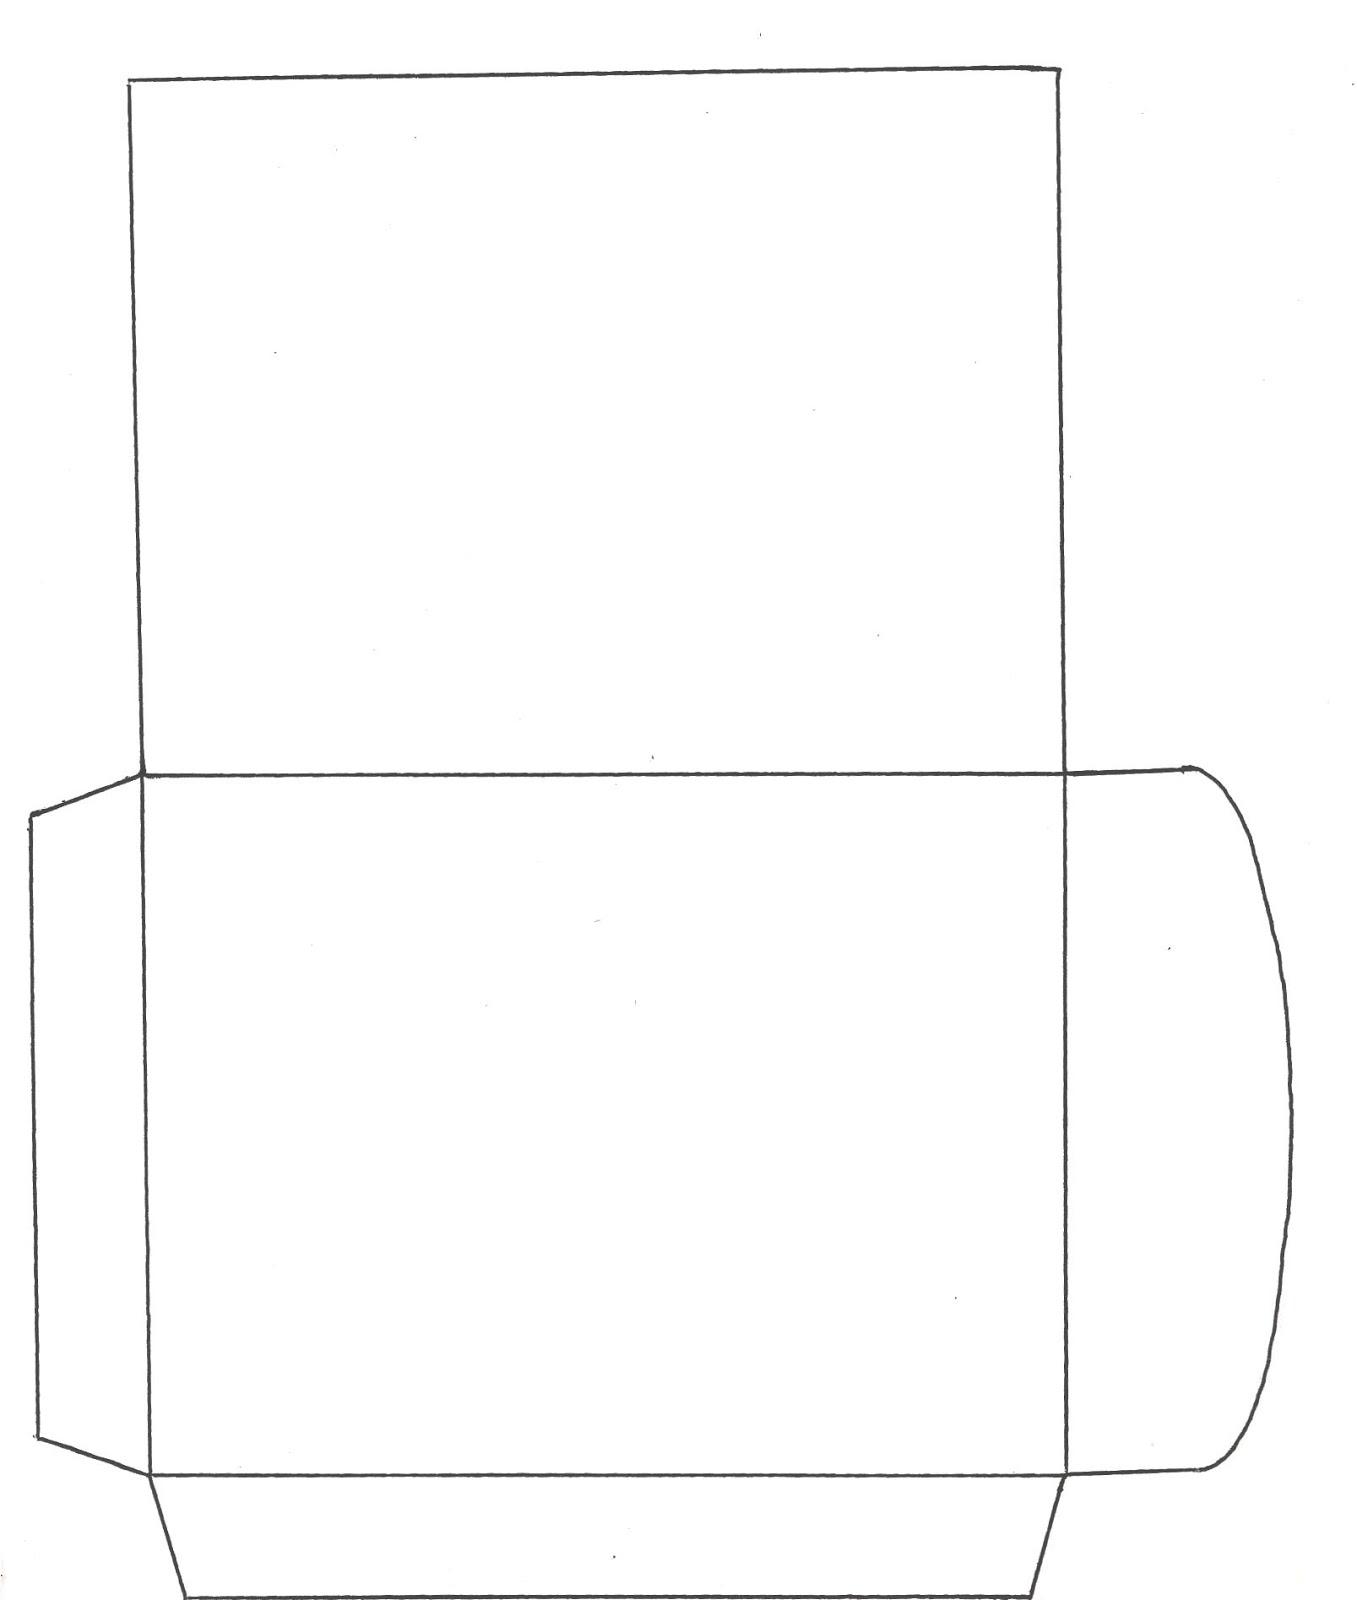 Populares AQUARELINHA: Moldes Envelopes EW29